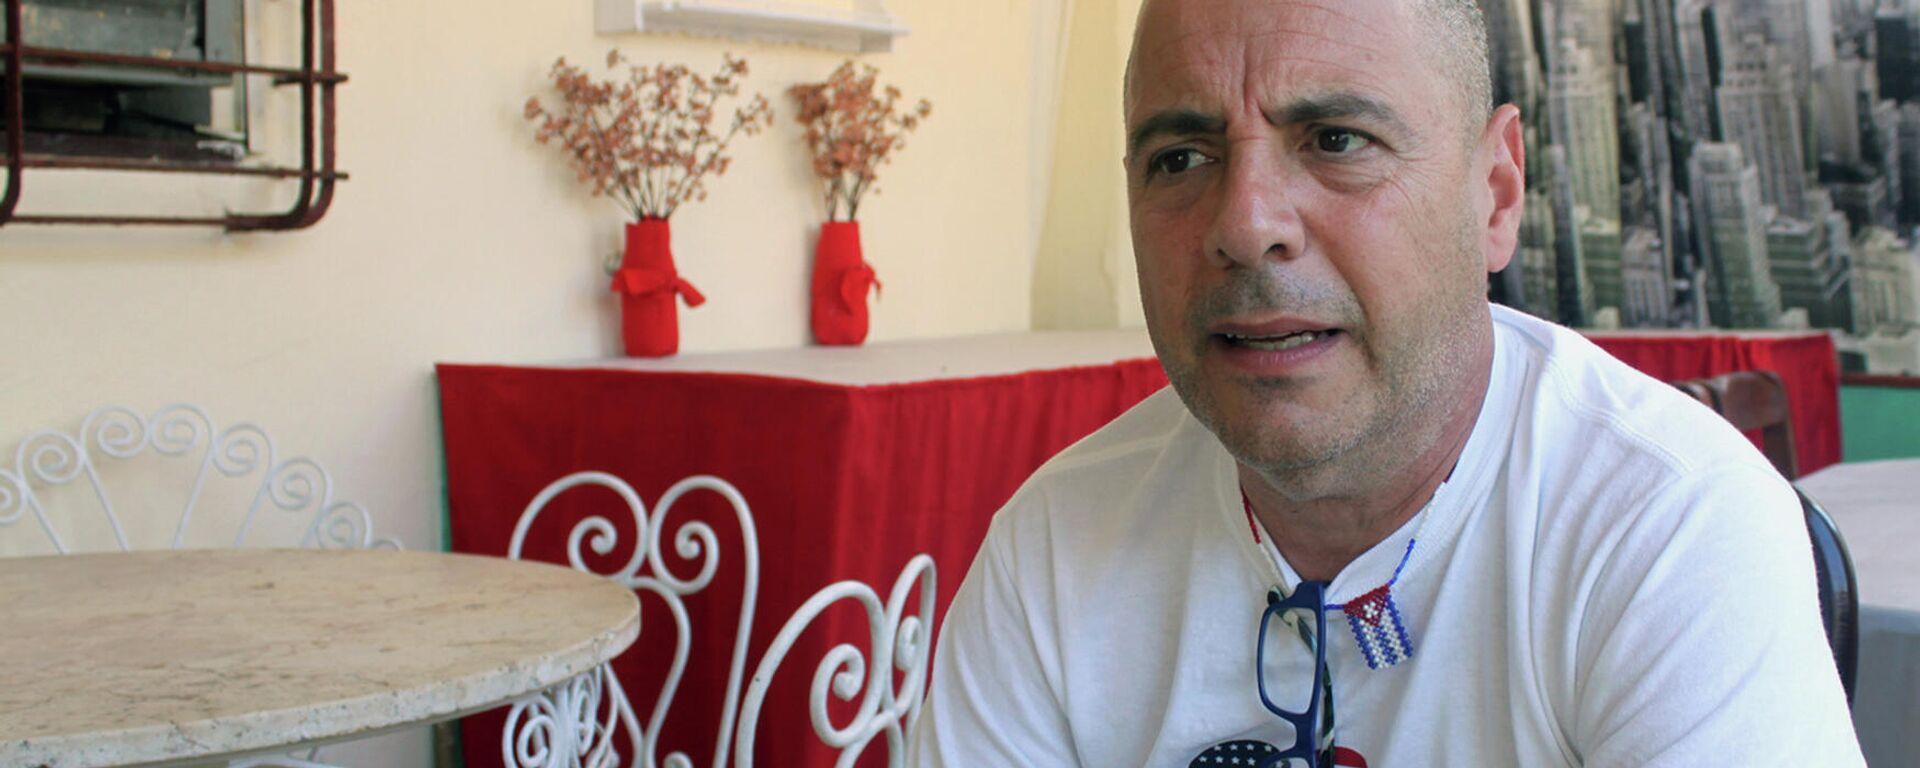 Carlos Lazo, profesor cubanoamericano residente en EEUU y activista por la normalización de relaciones Cuba-EEUU - Sputnik Mundo, 1920, 12.03.2021